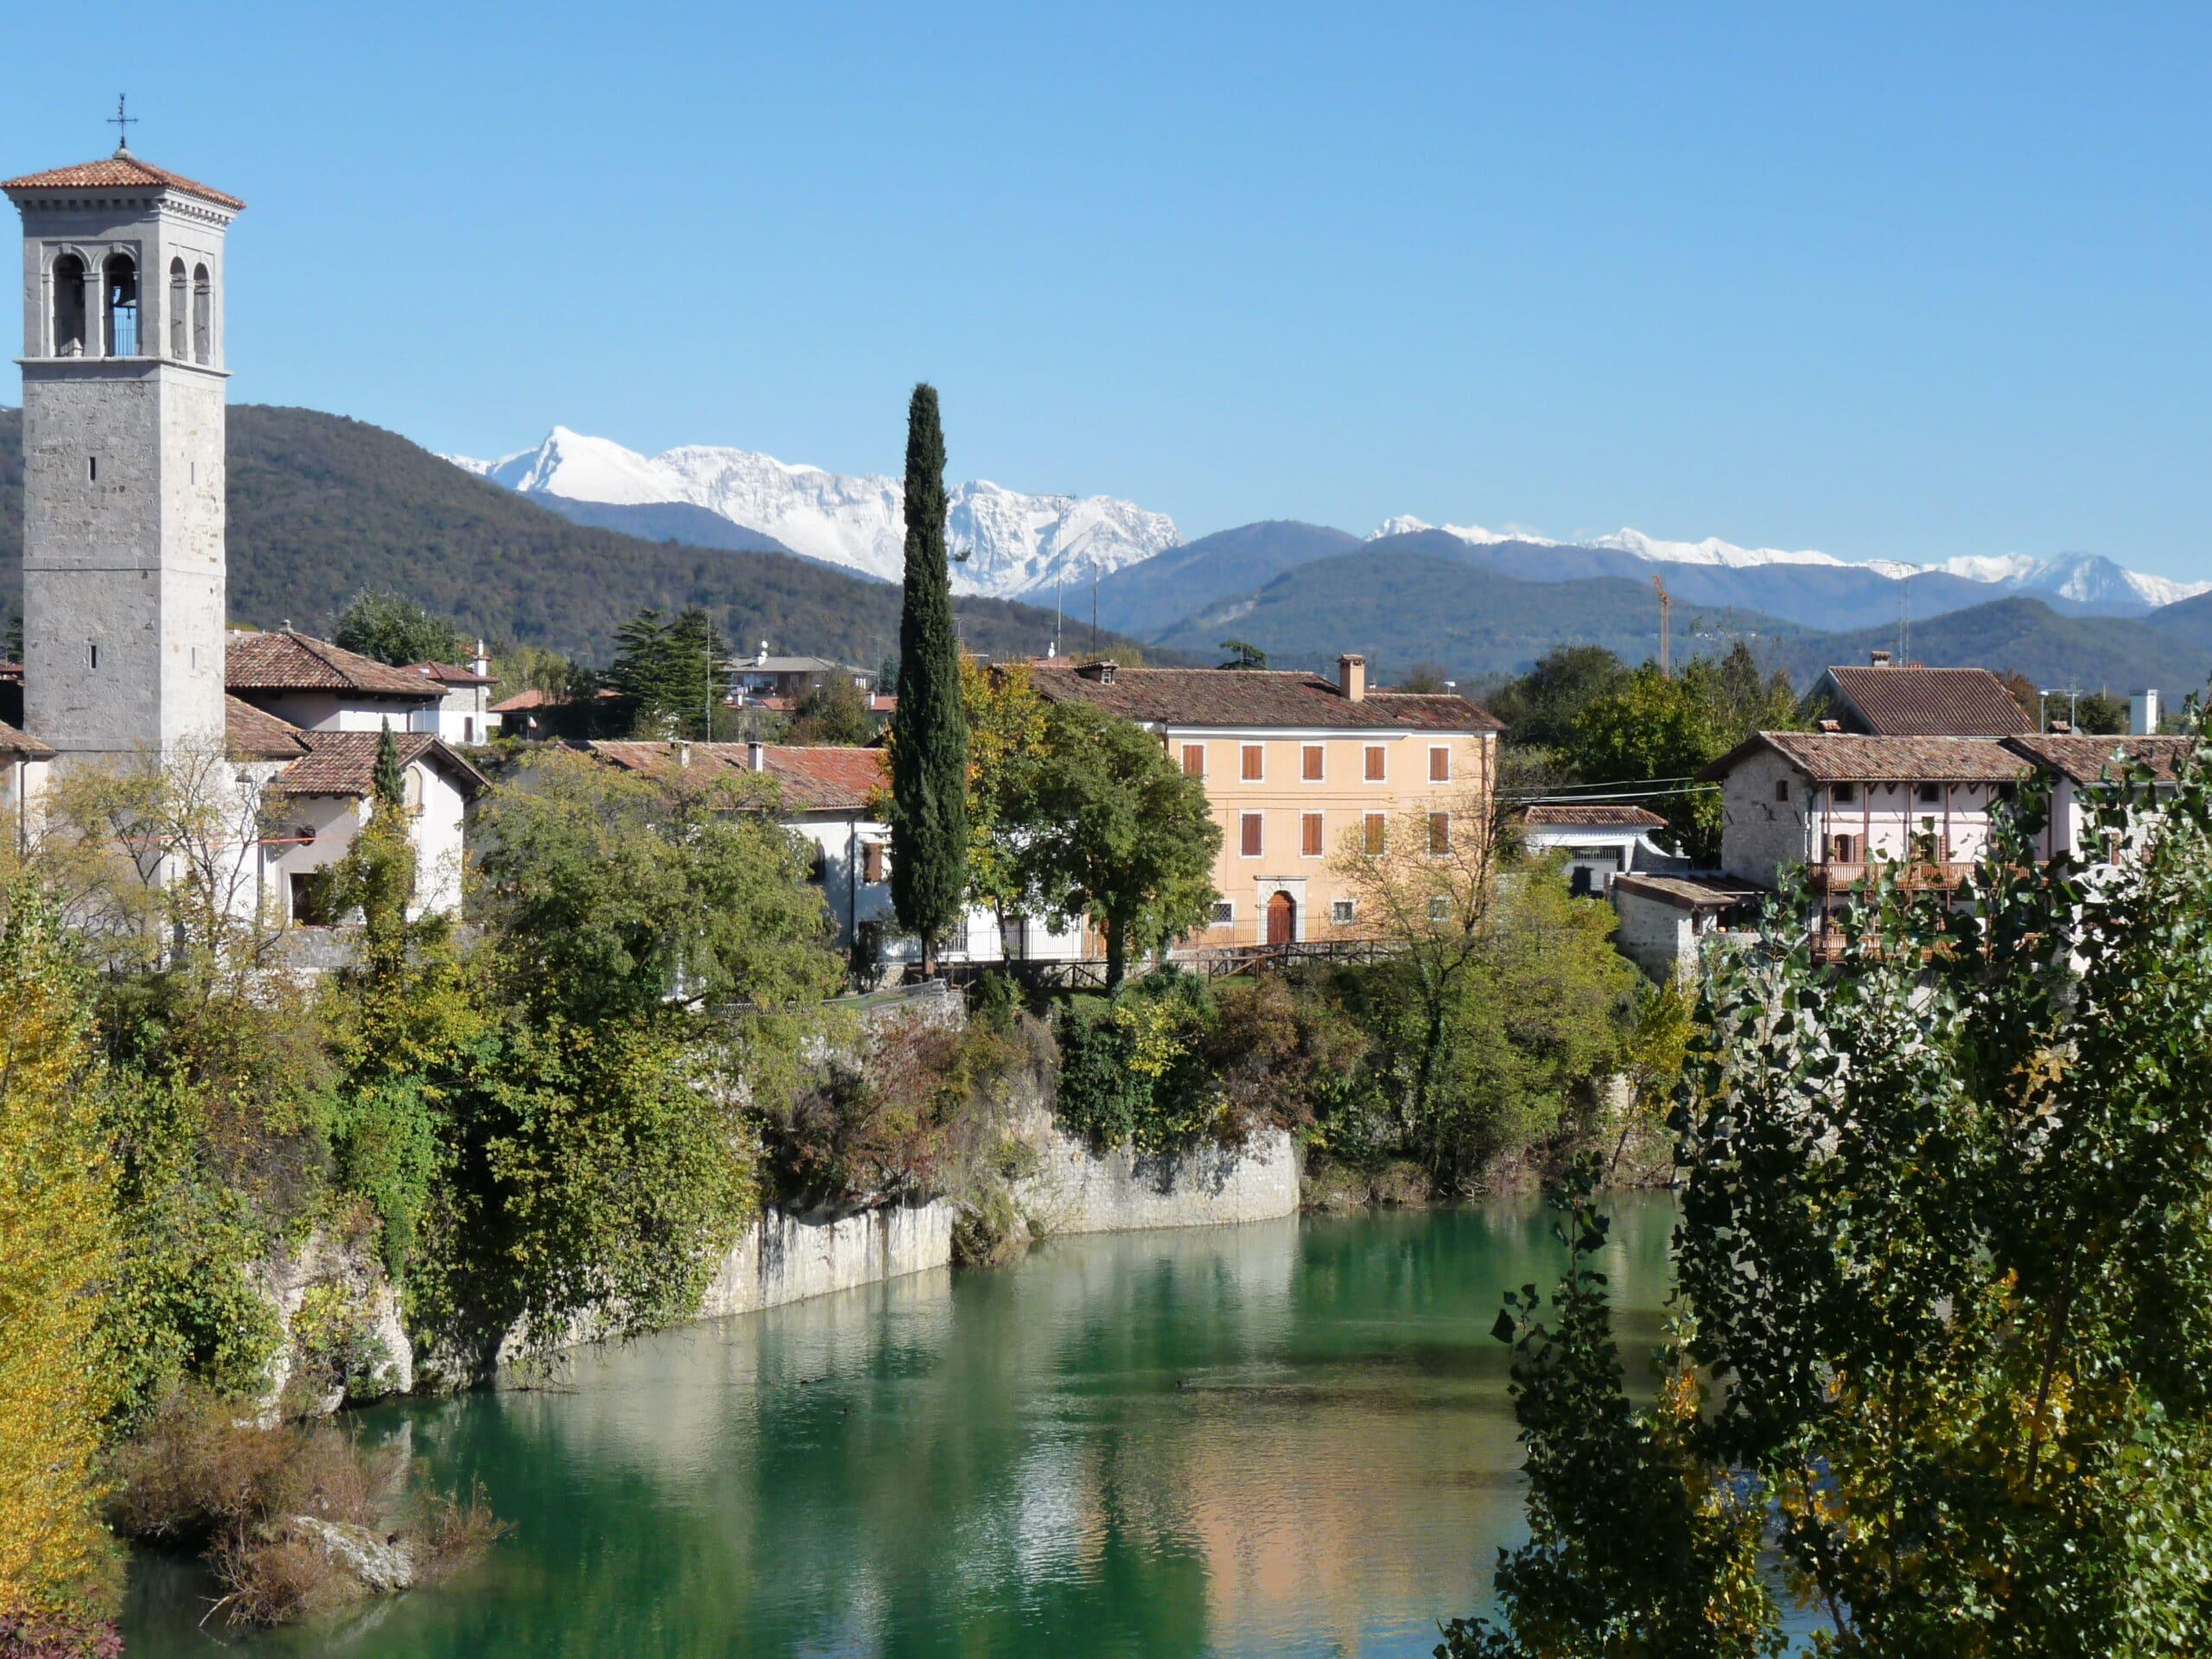 Ponte del Diavolo in Cividale del Friuli